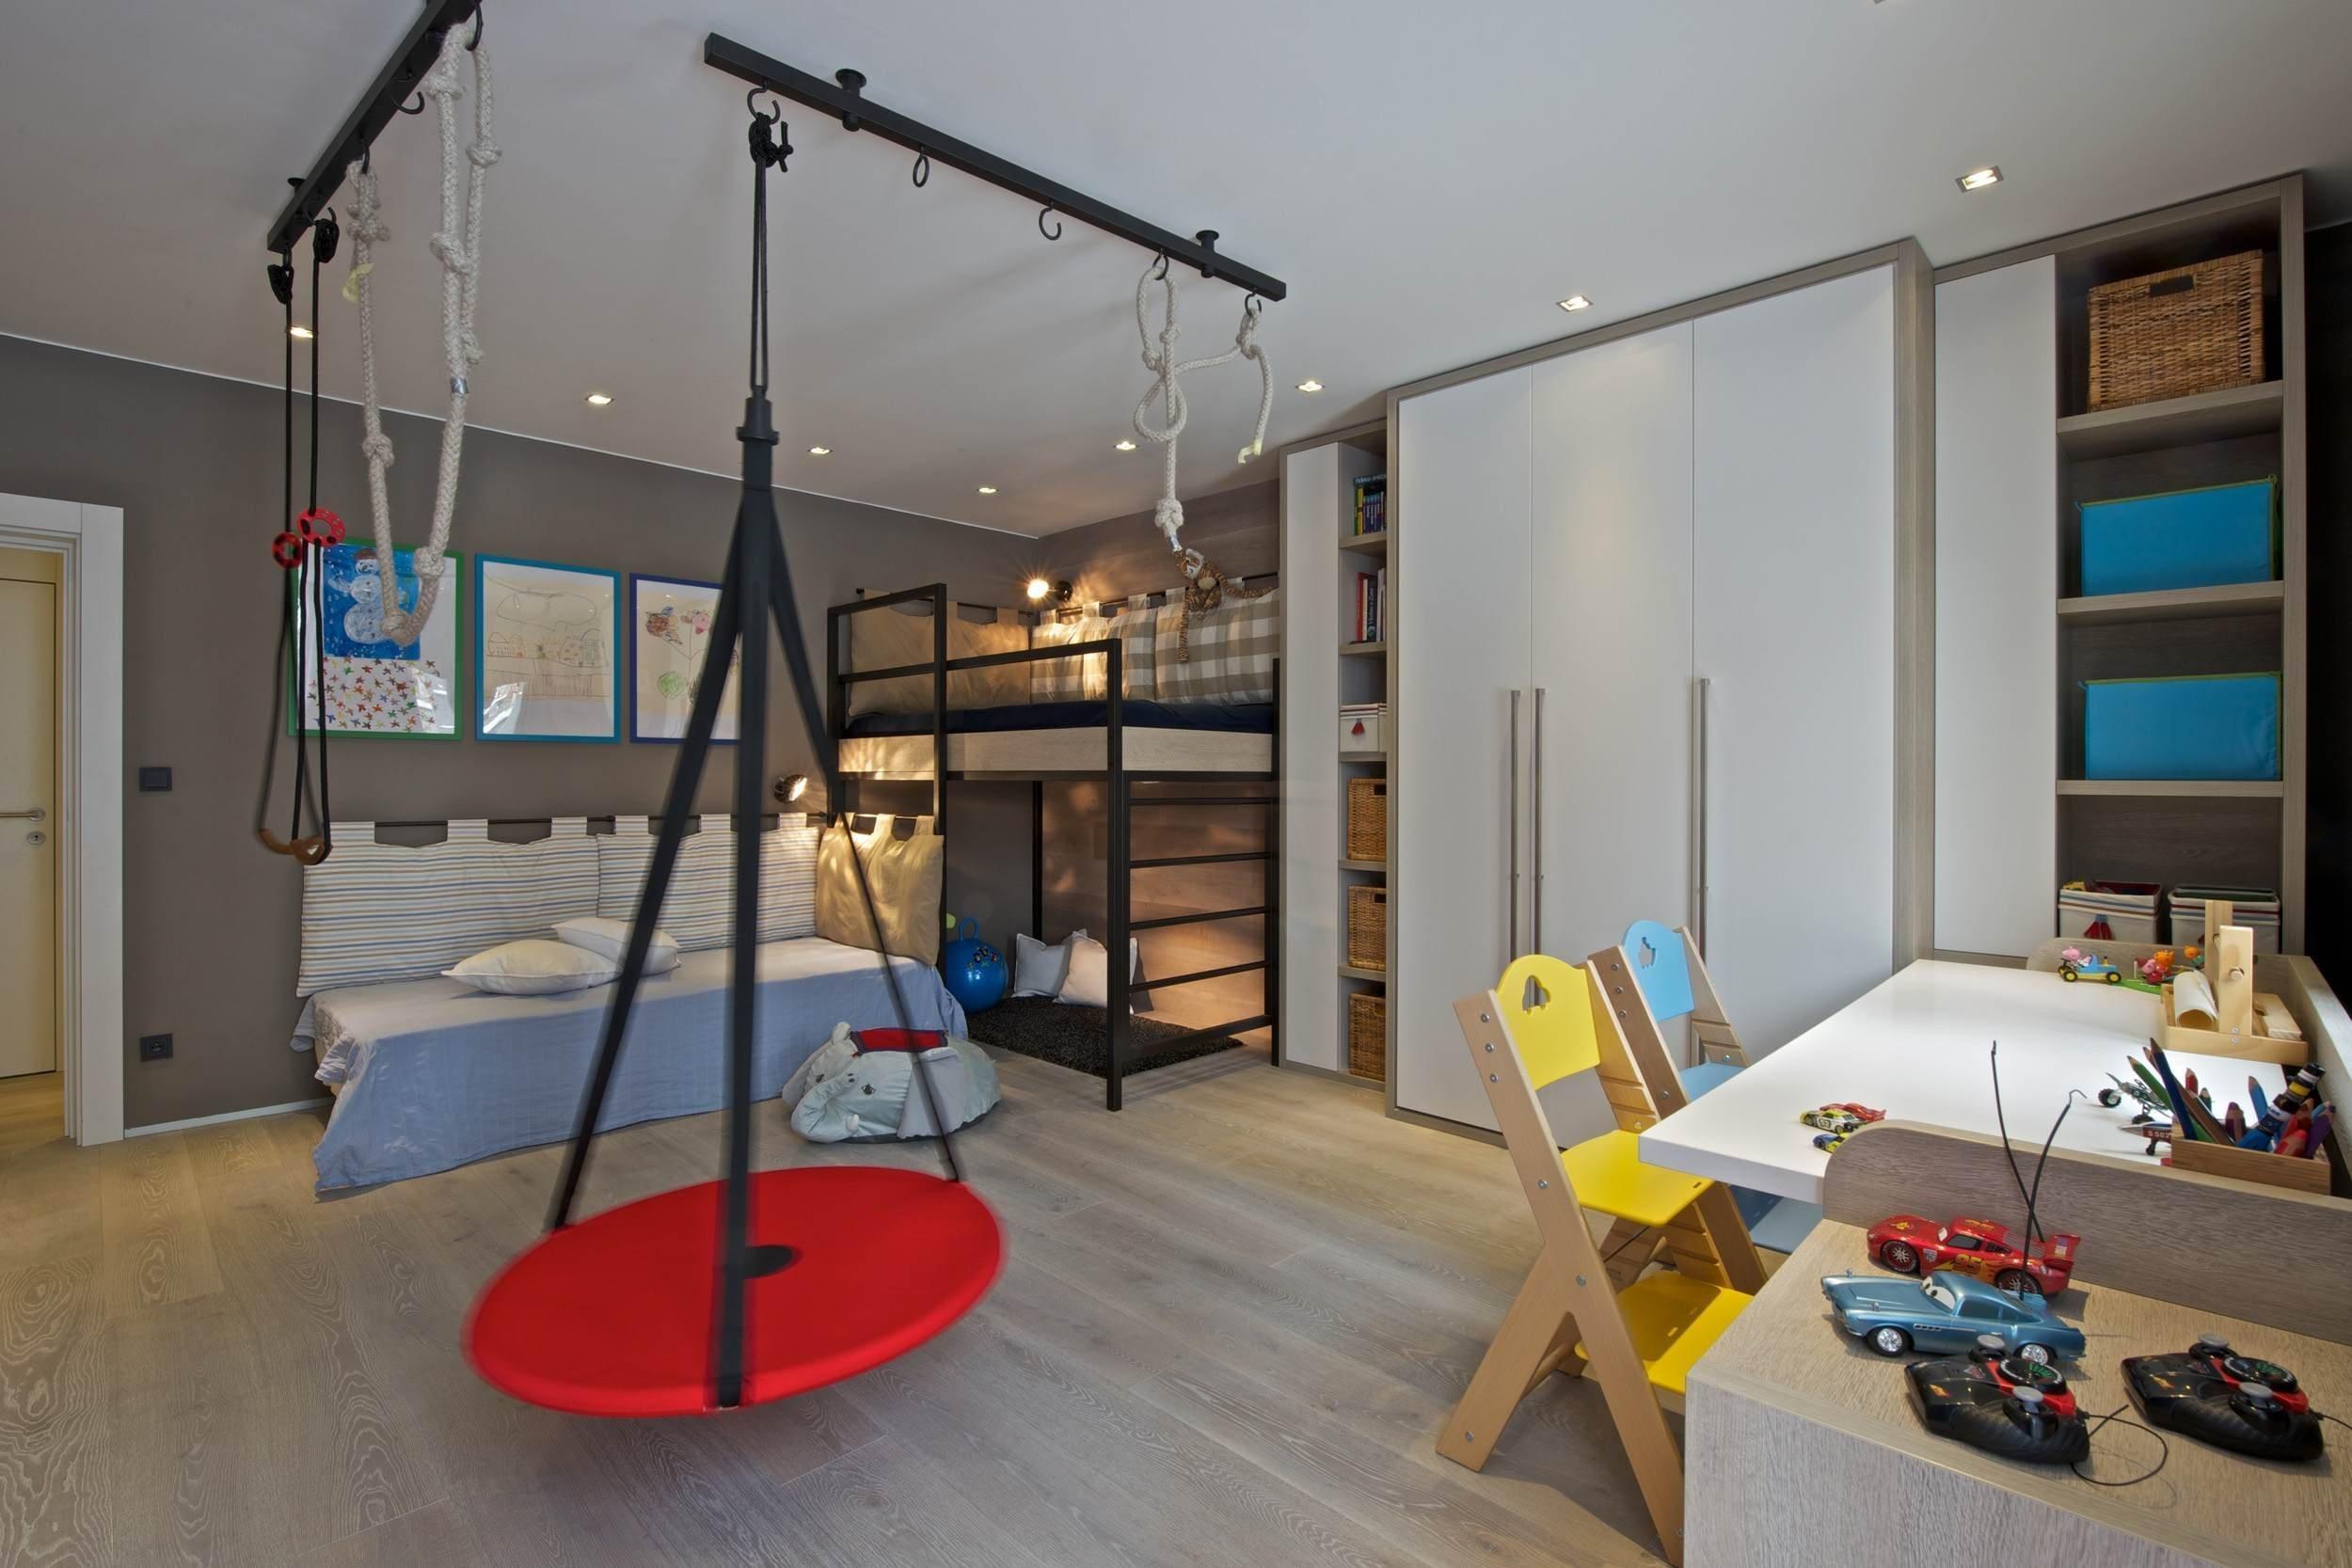 POHODLNÝ BYT PRO ČTYŘČLENNOU RODINU  Vycházízobdivukeskandinávskému stylu bydlení, přírodním materiálůmasvětlým barvám.…